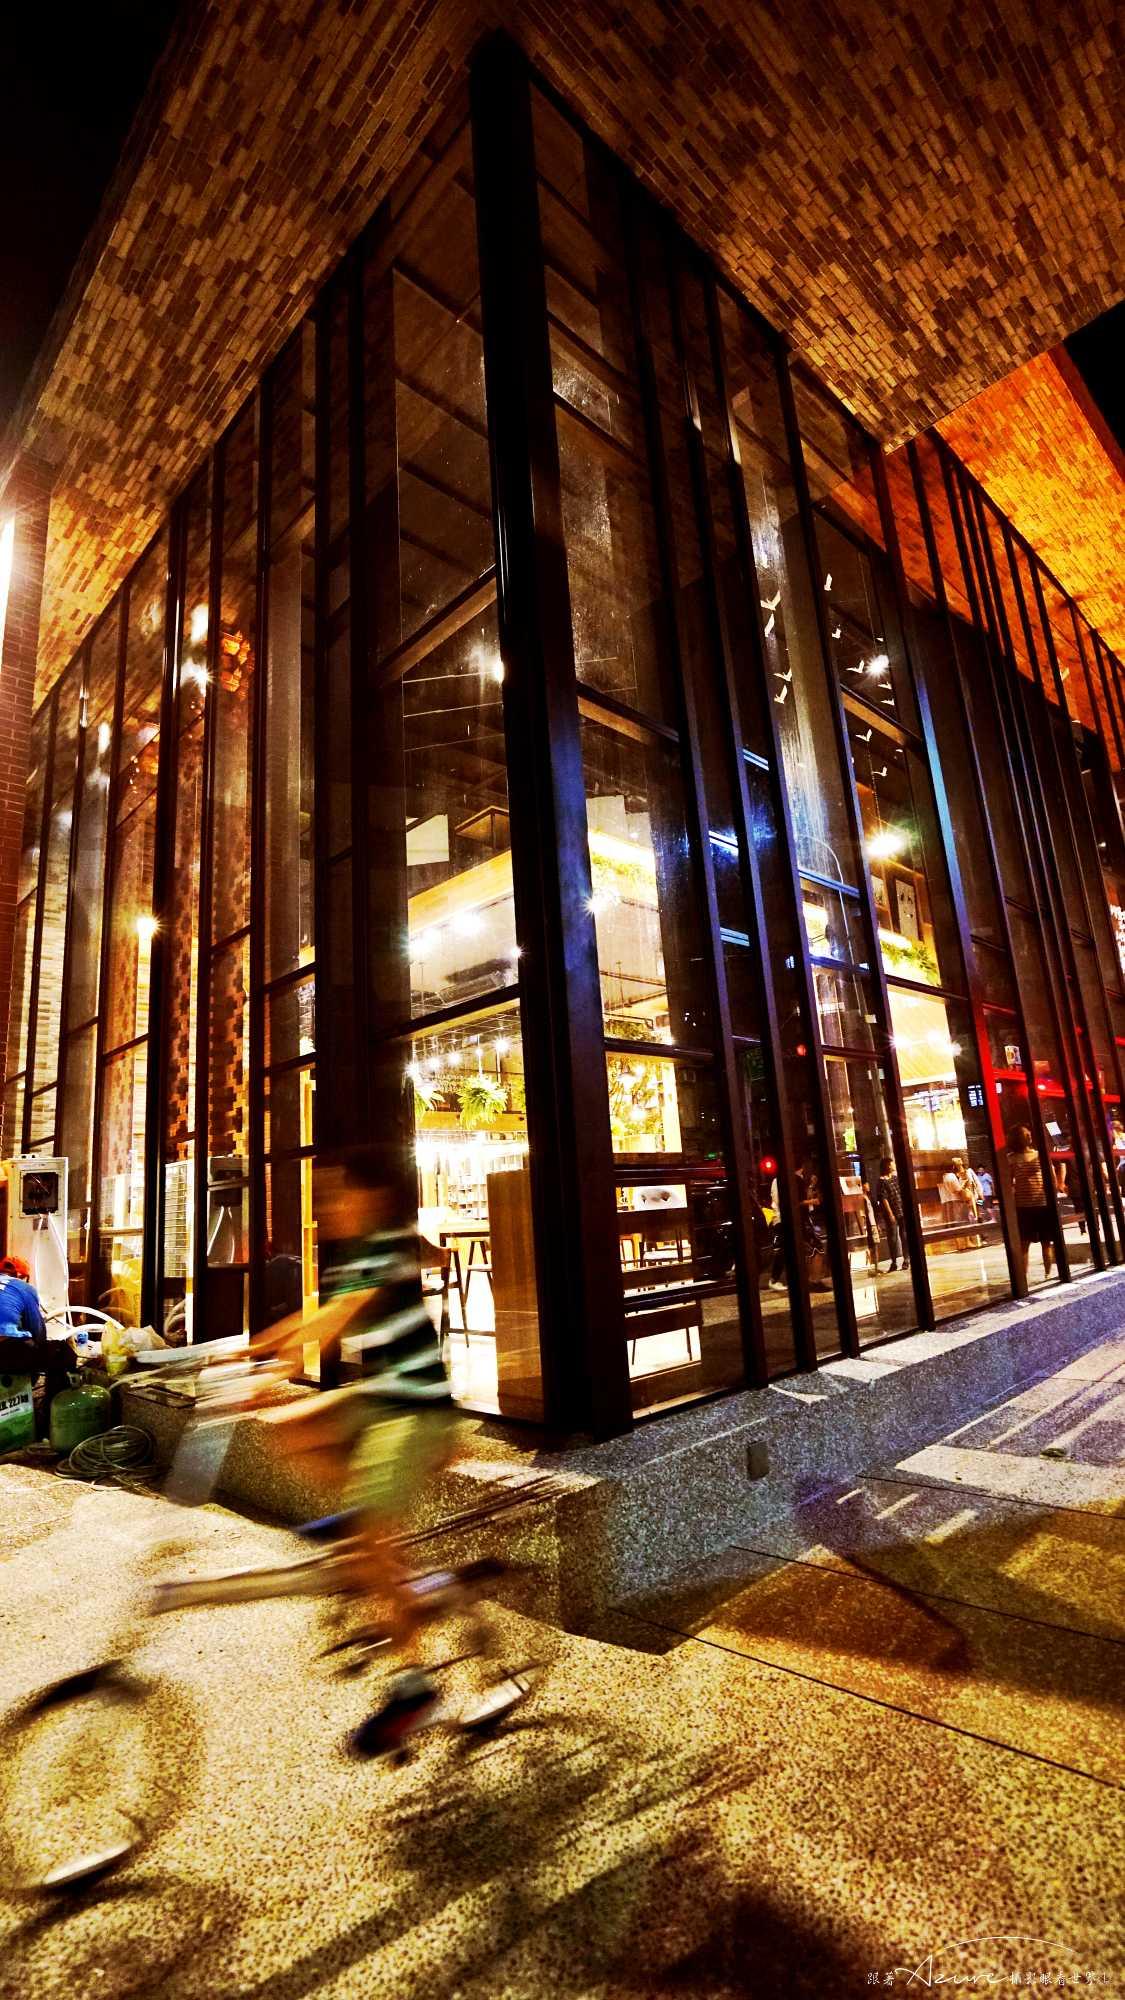 會消失的書店,和平青鳥,夜景微光攝影,人文攝影